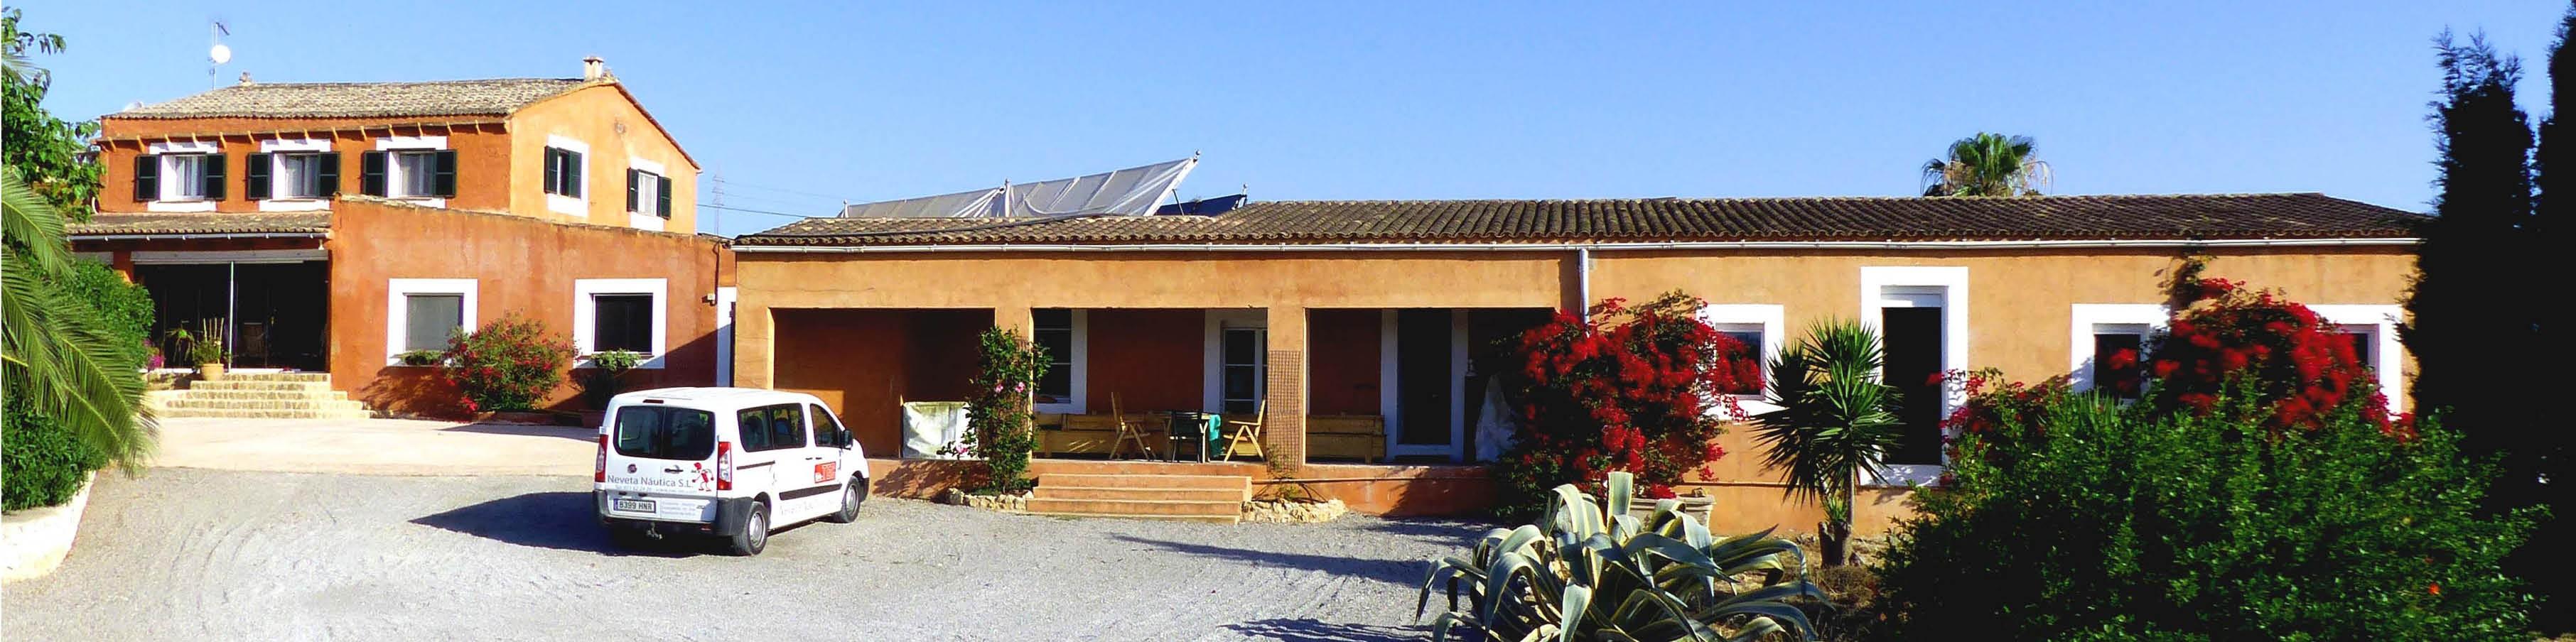 SWI-TEC Mallorca